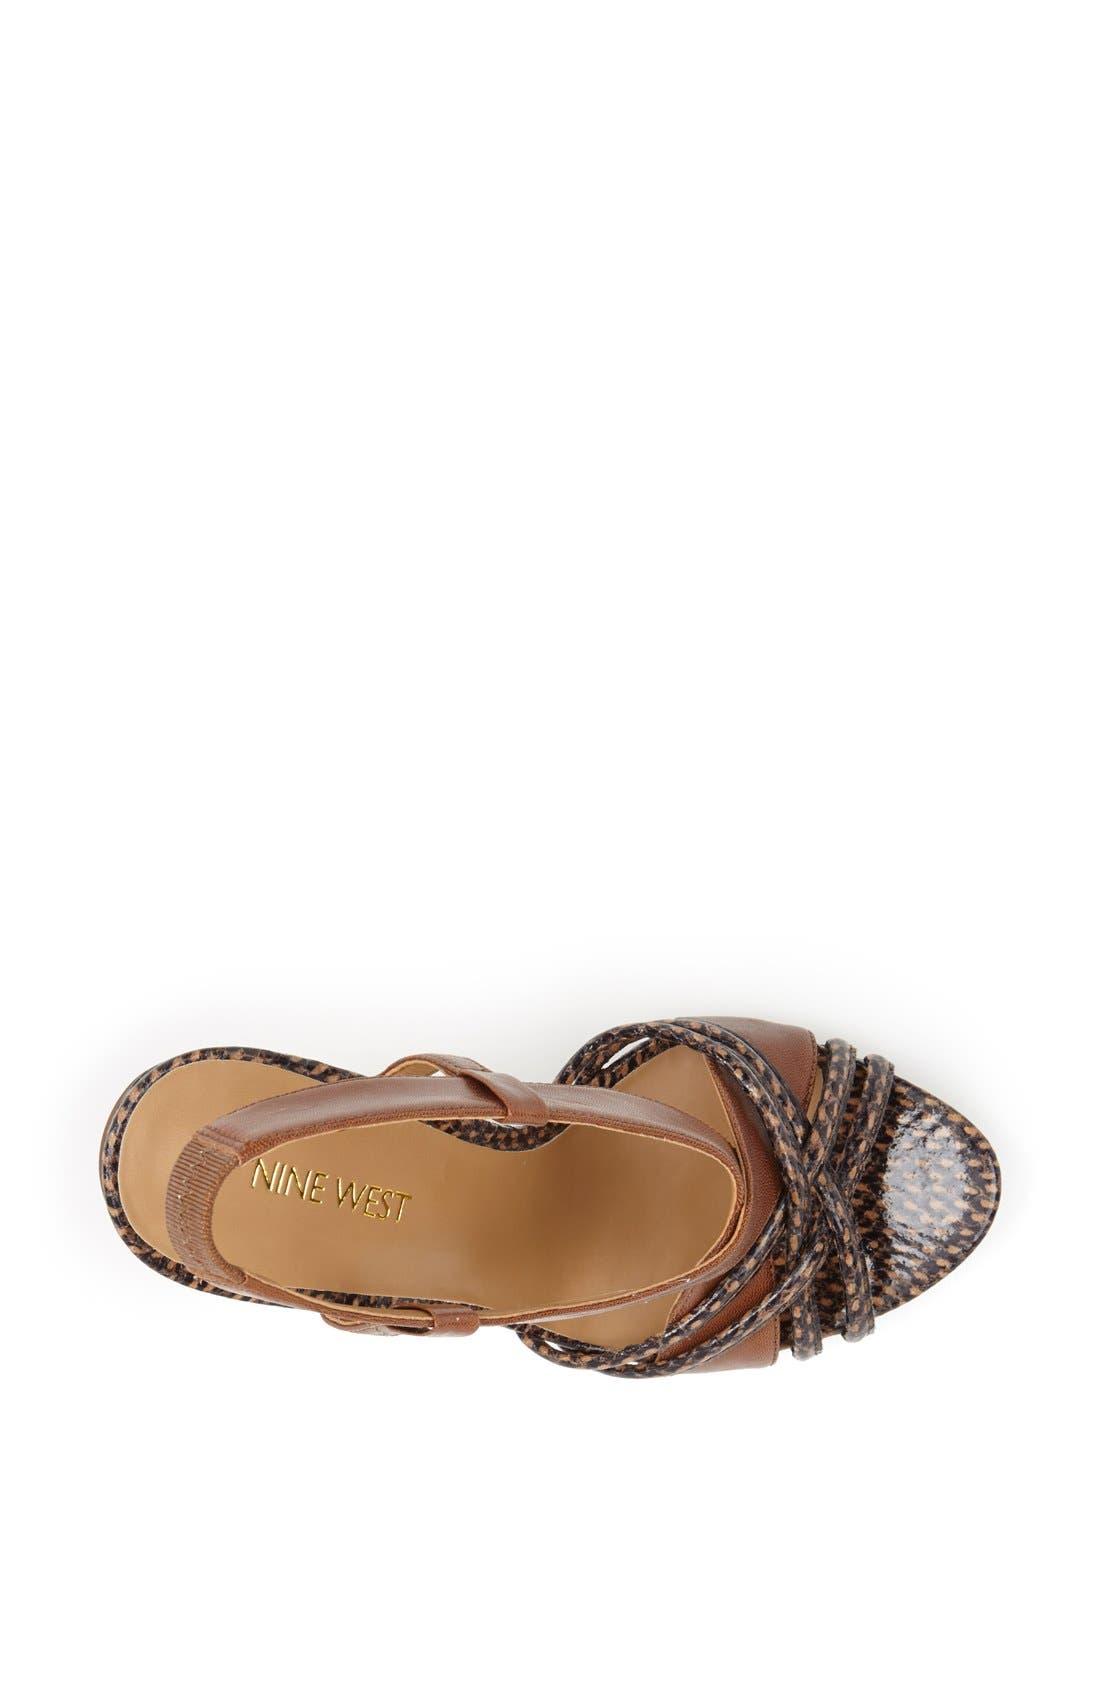 Alternate Image 3  - Nine West 'Allysse' Leather Sandal